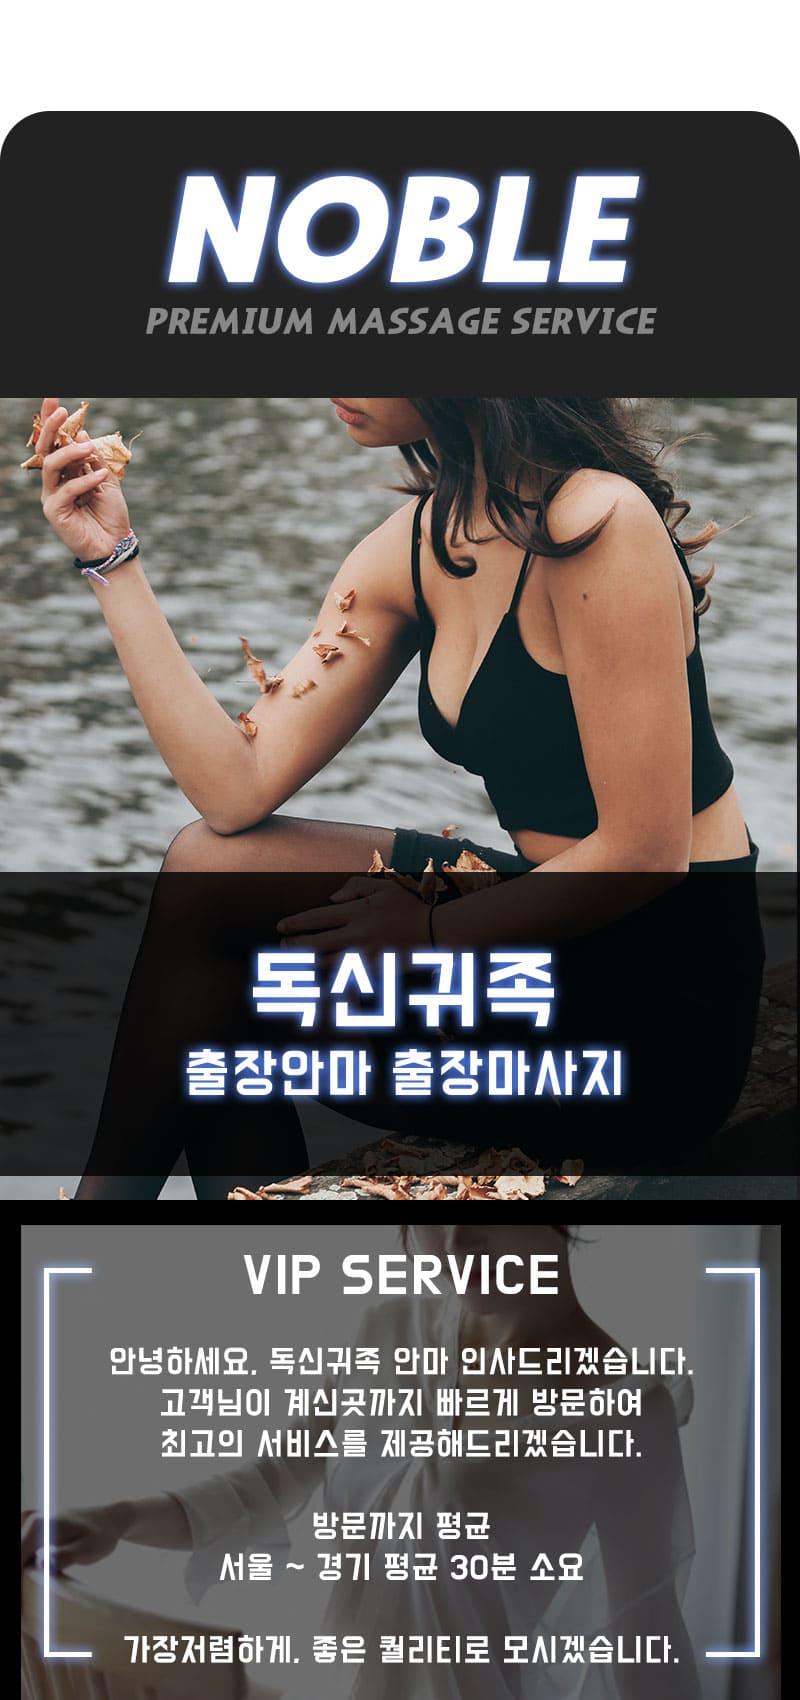 홍제동출장안마 소개